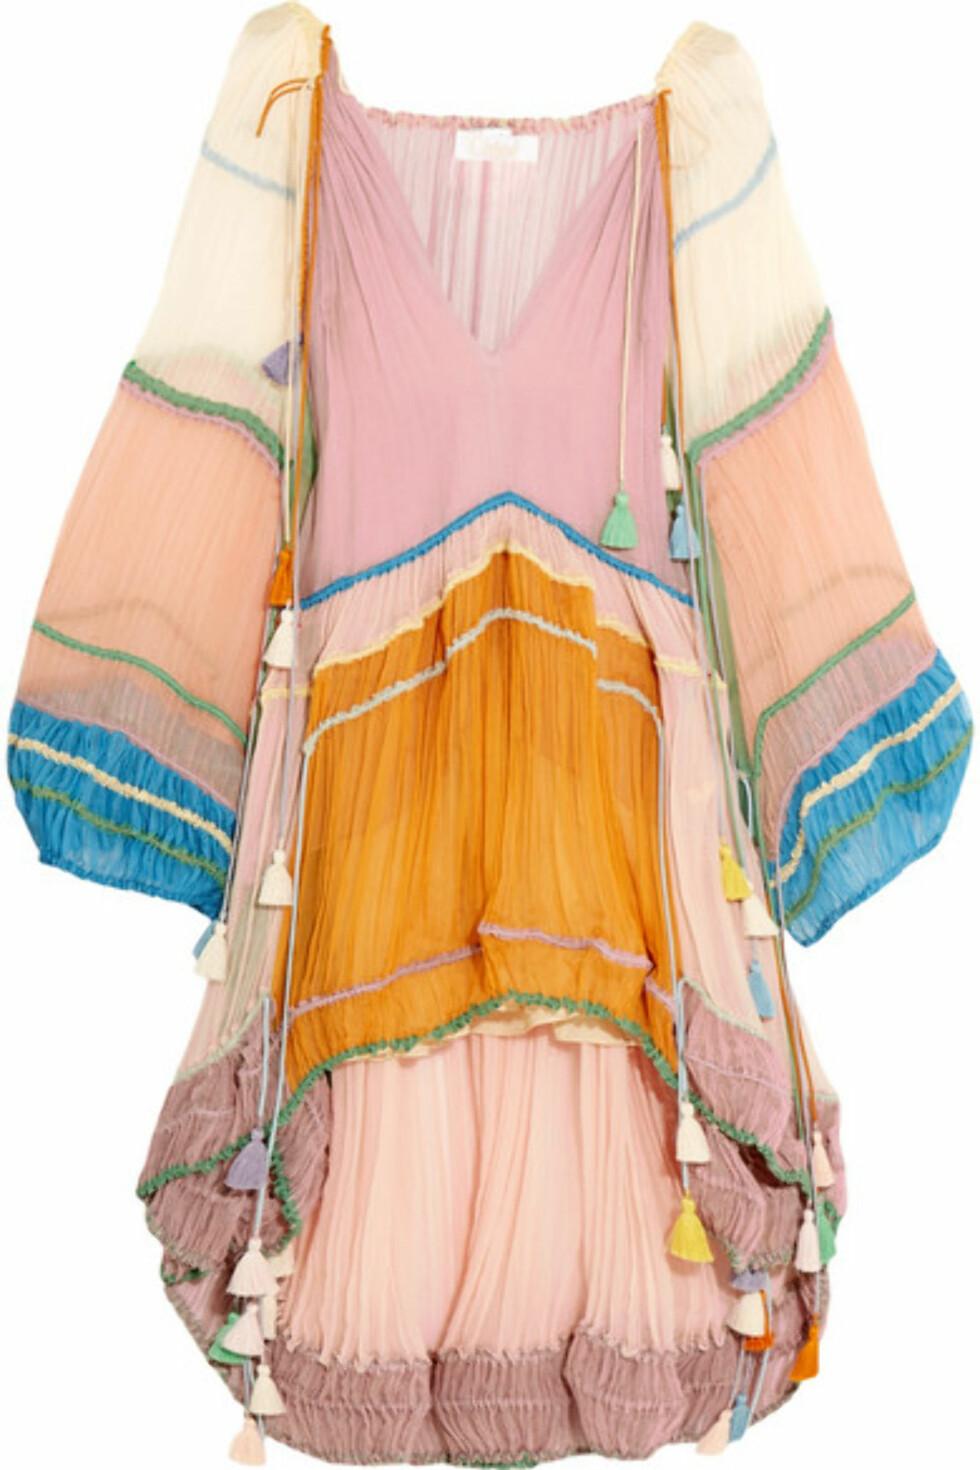 Kjole fra Chloe via Net-a-porter.com, kr 82.492. Foto: Net-a-porter.com